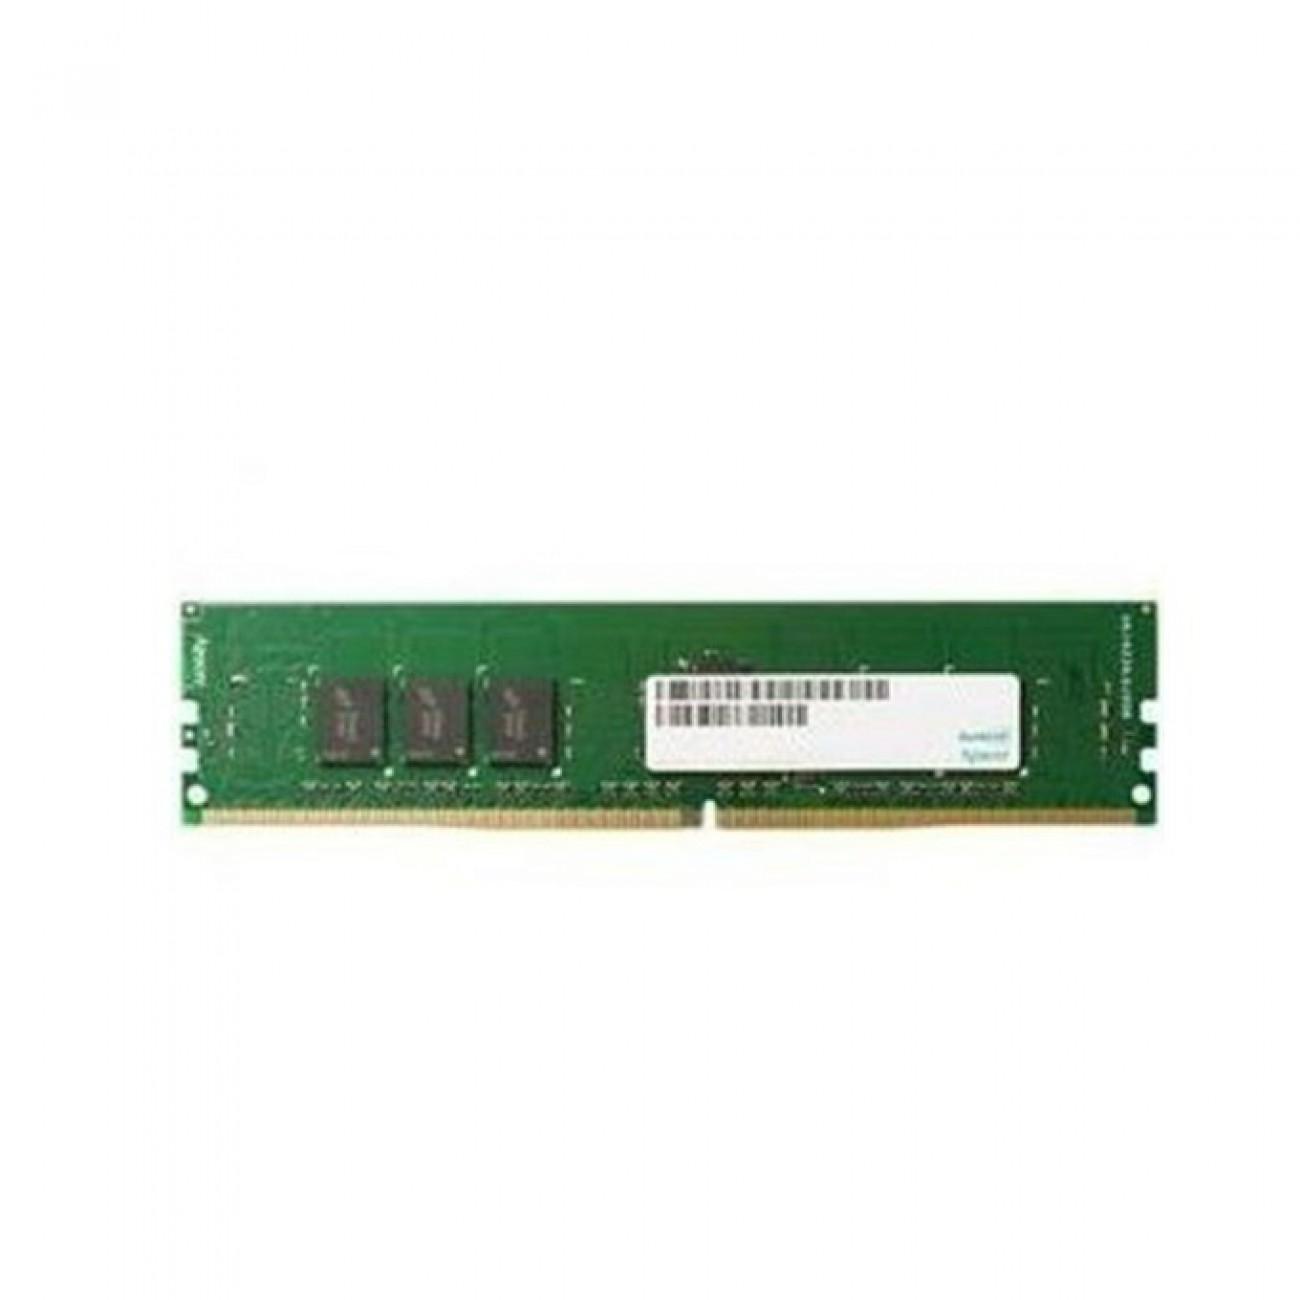 4GB DDR4 2133MHz, Apacer AU04GGB13CDTBGH, 1.2V в Настолни компютри Памети -  | Alleop